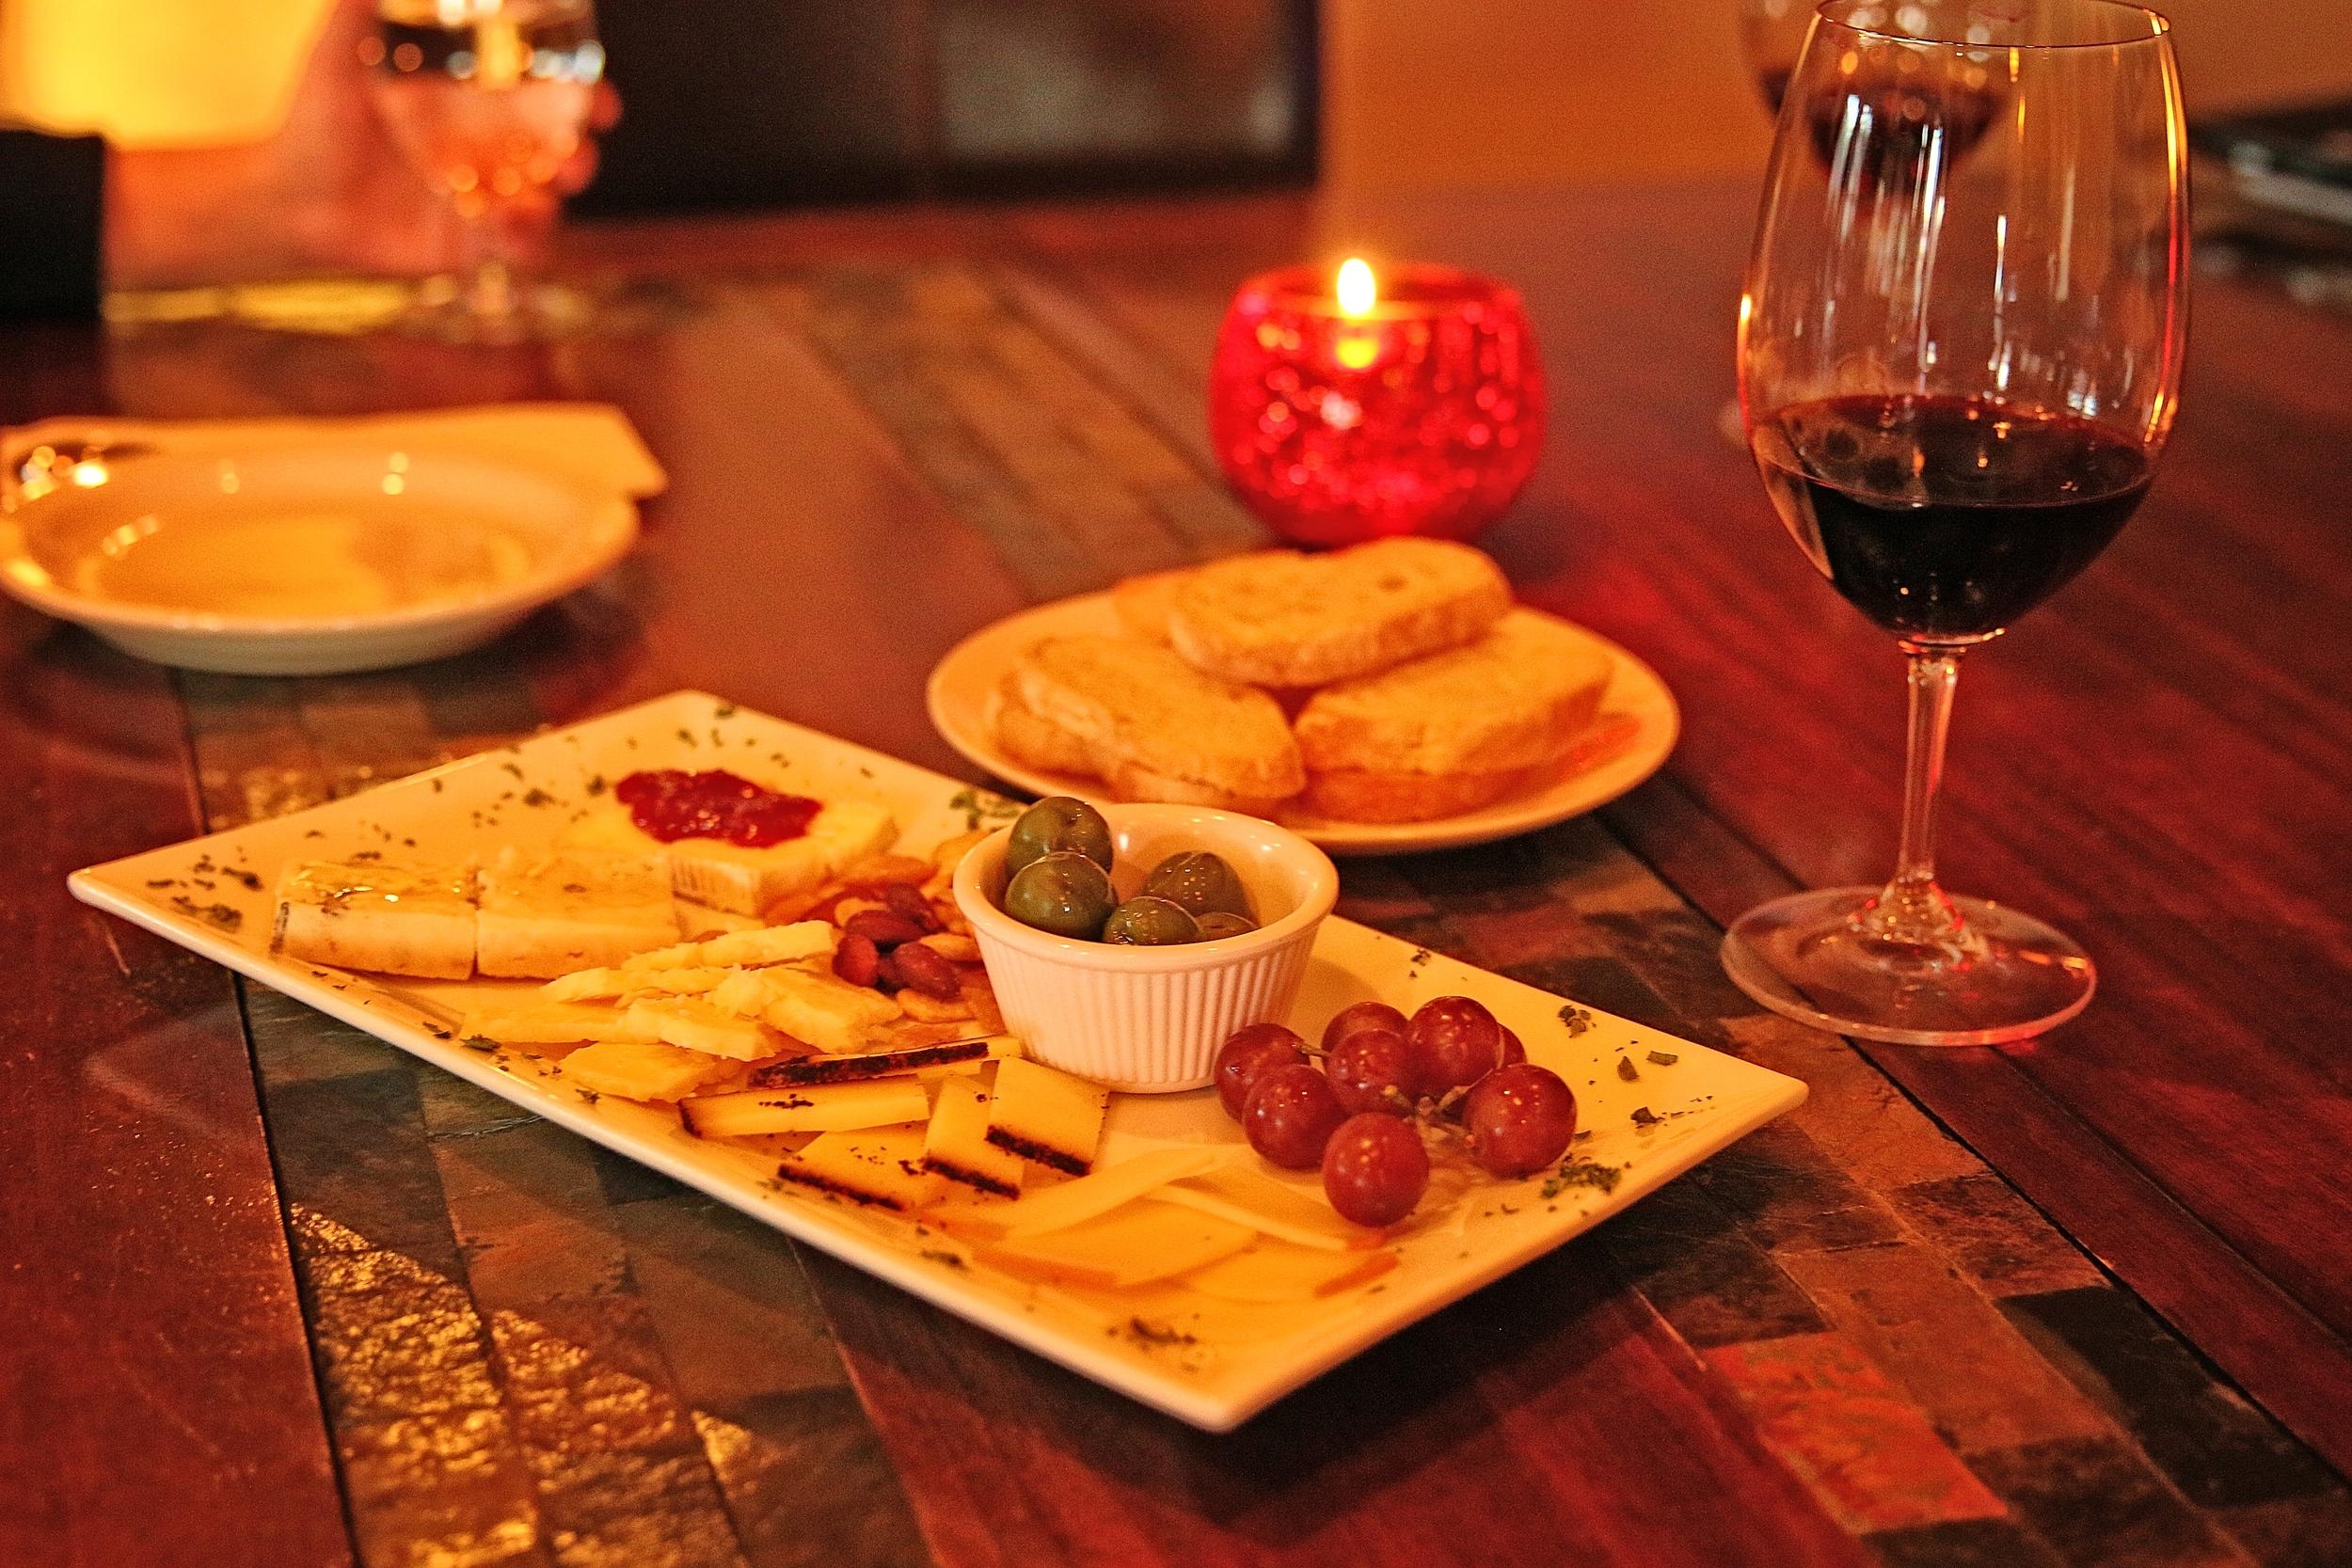 food combo wine candle.jpg